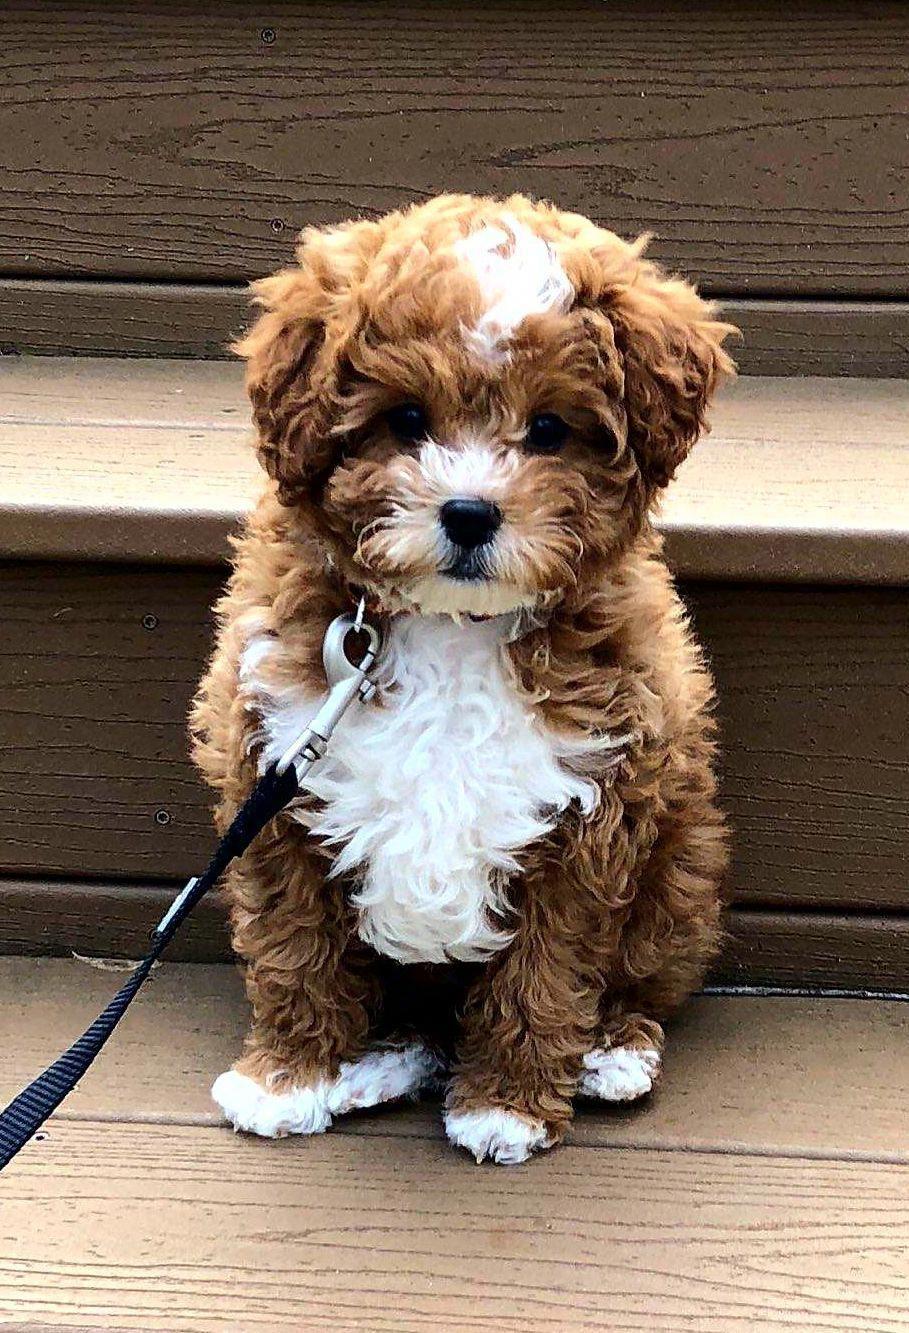 Doggy Said Repin If You Think I Am Cute Schattigste Honden Schattige Puppies Leuke Honden